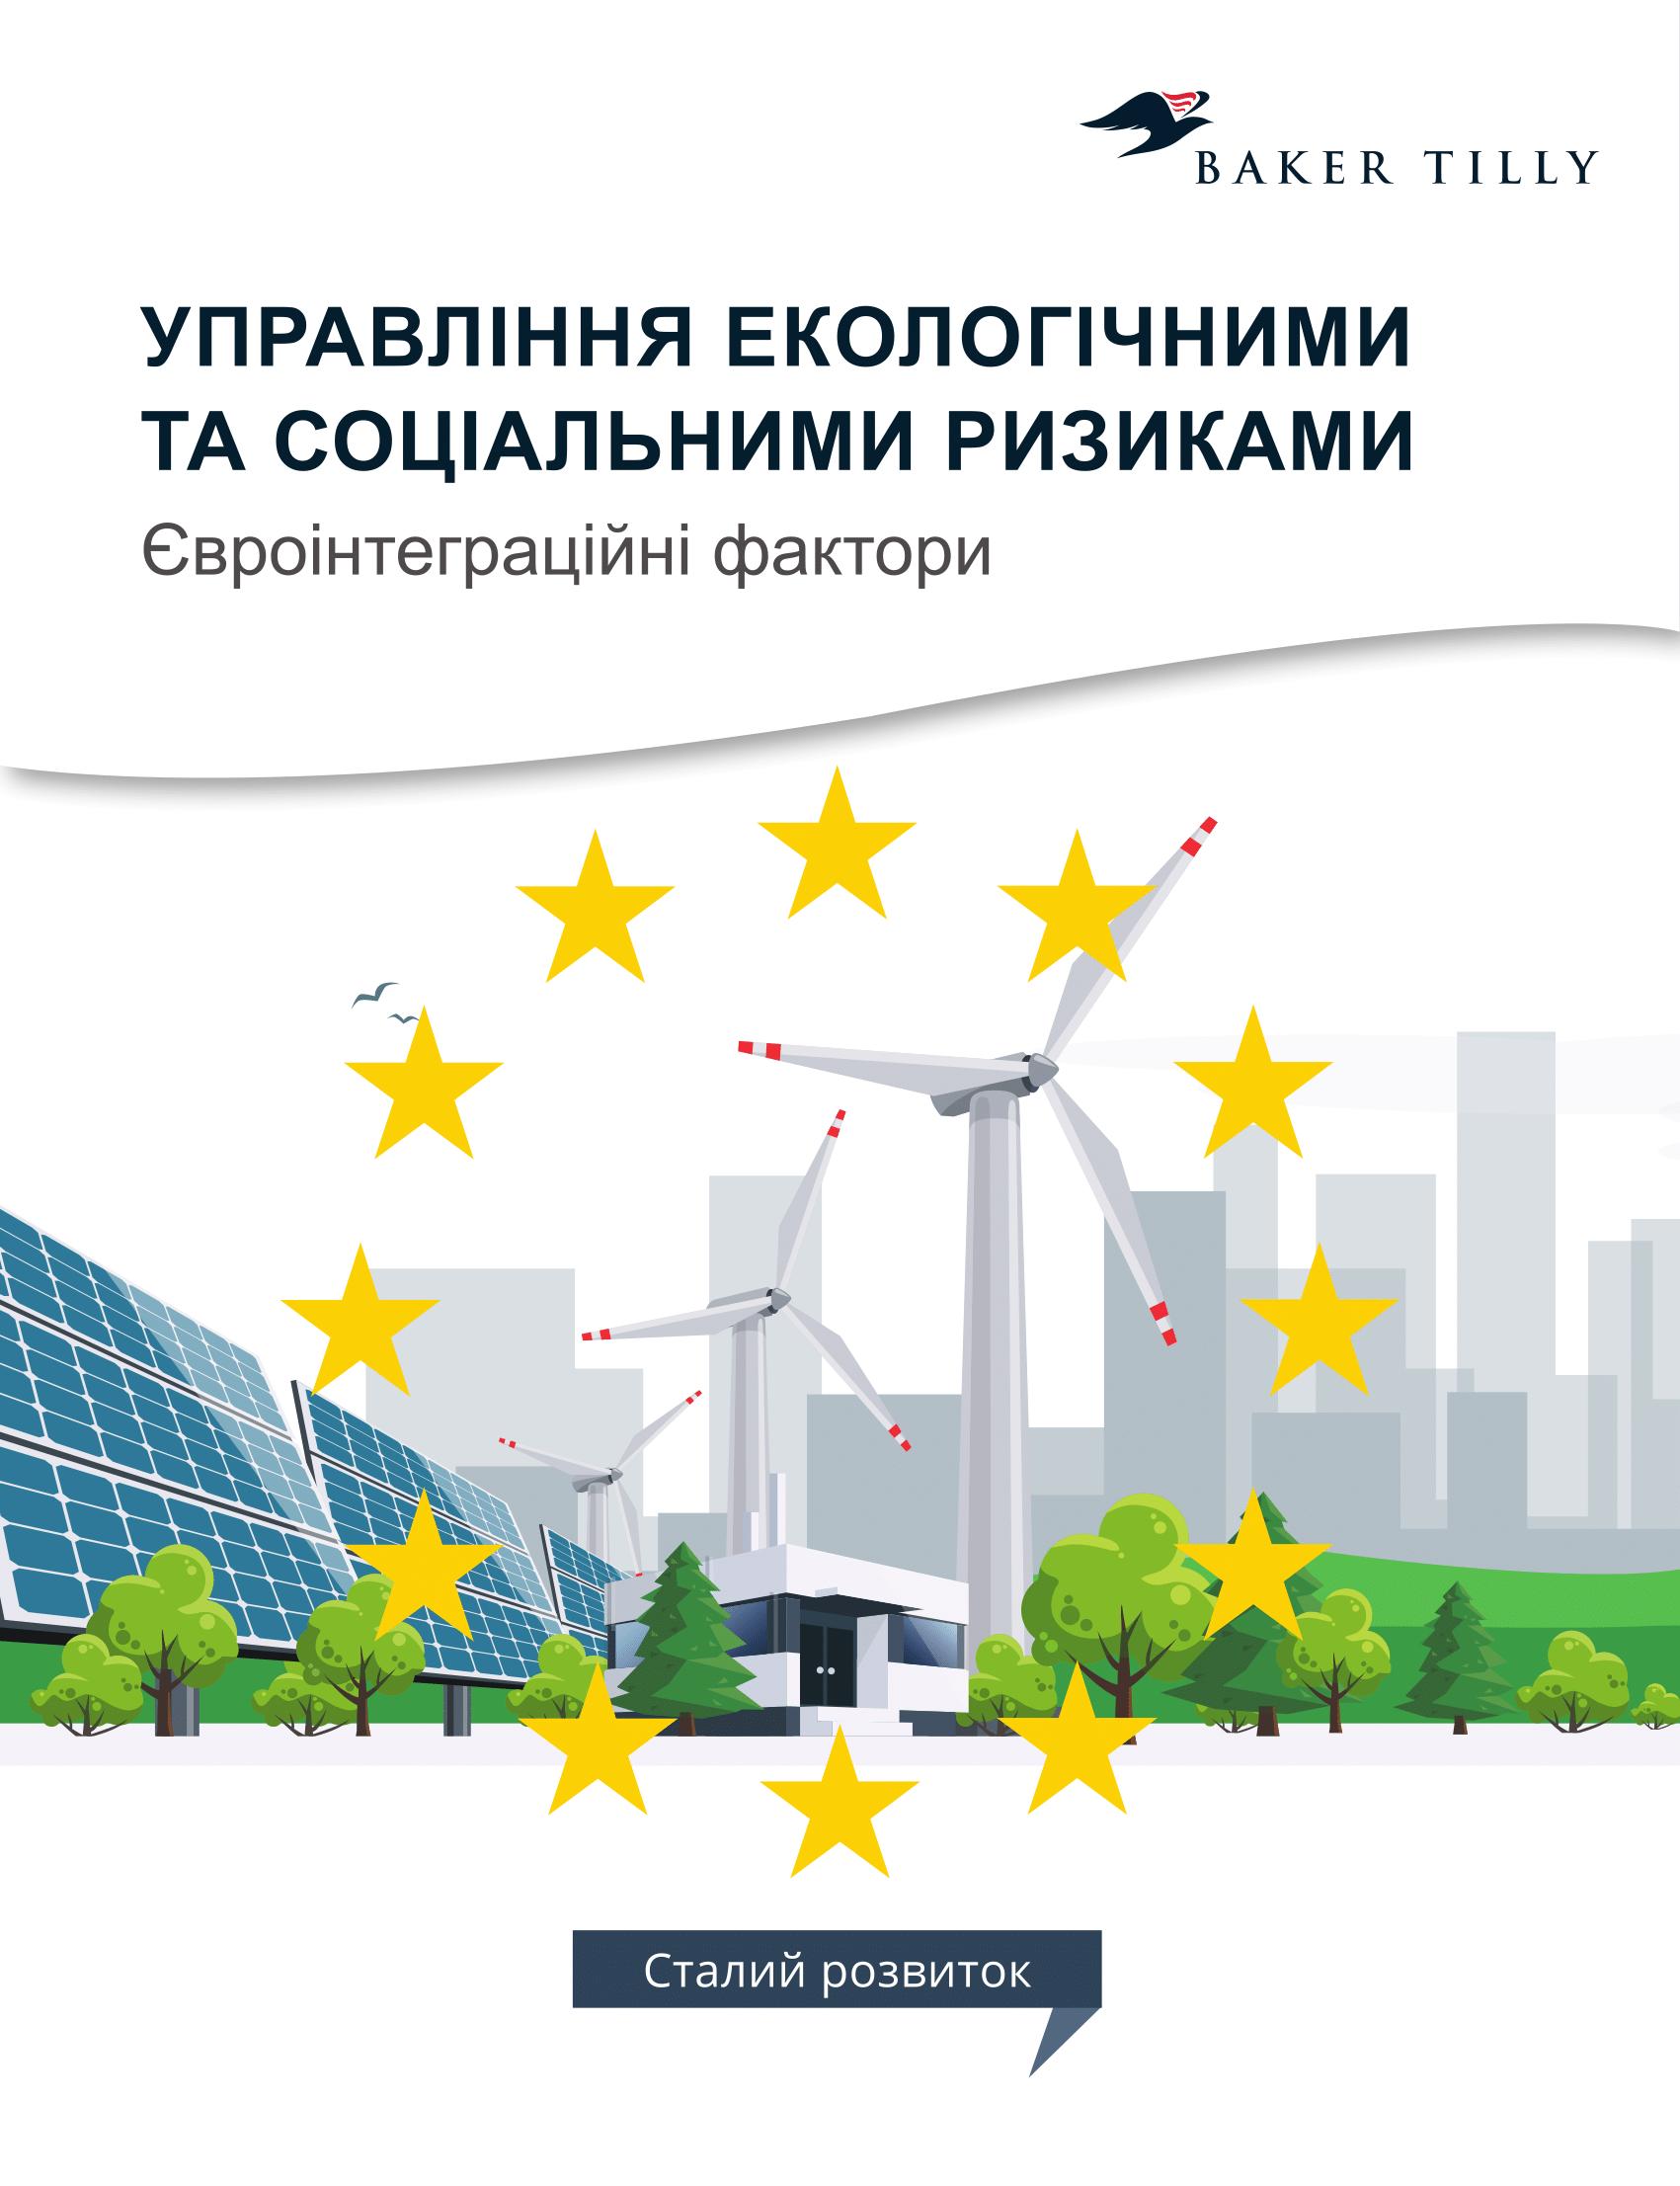 ECO_brochure